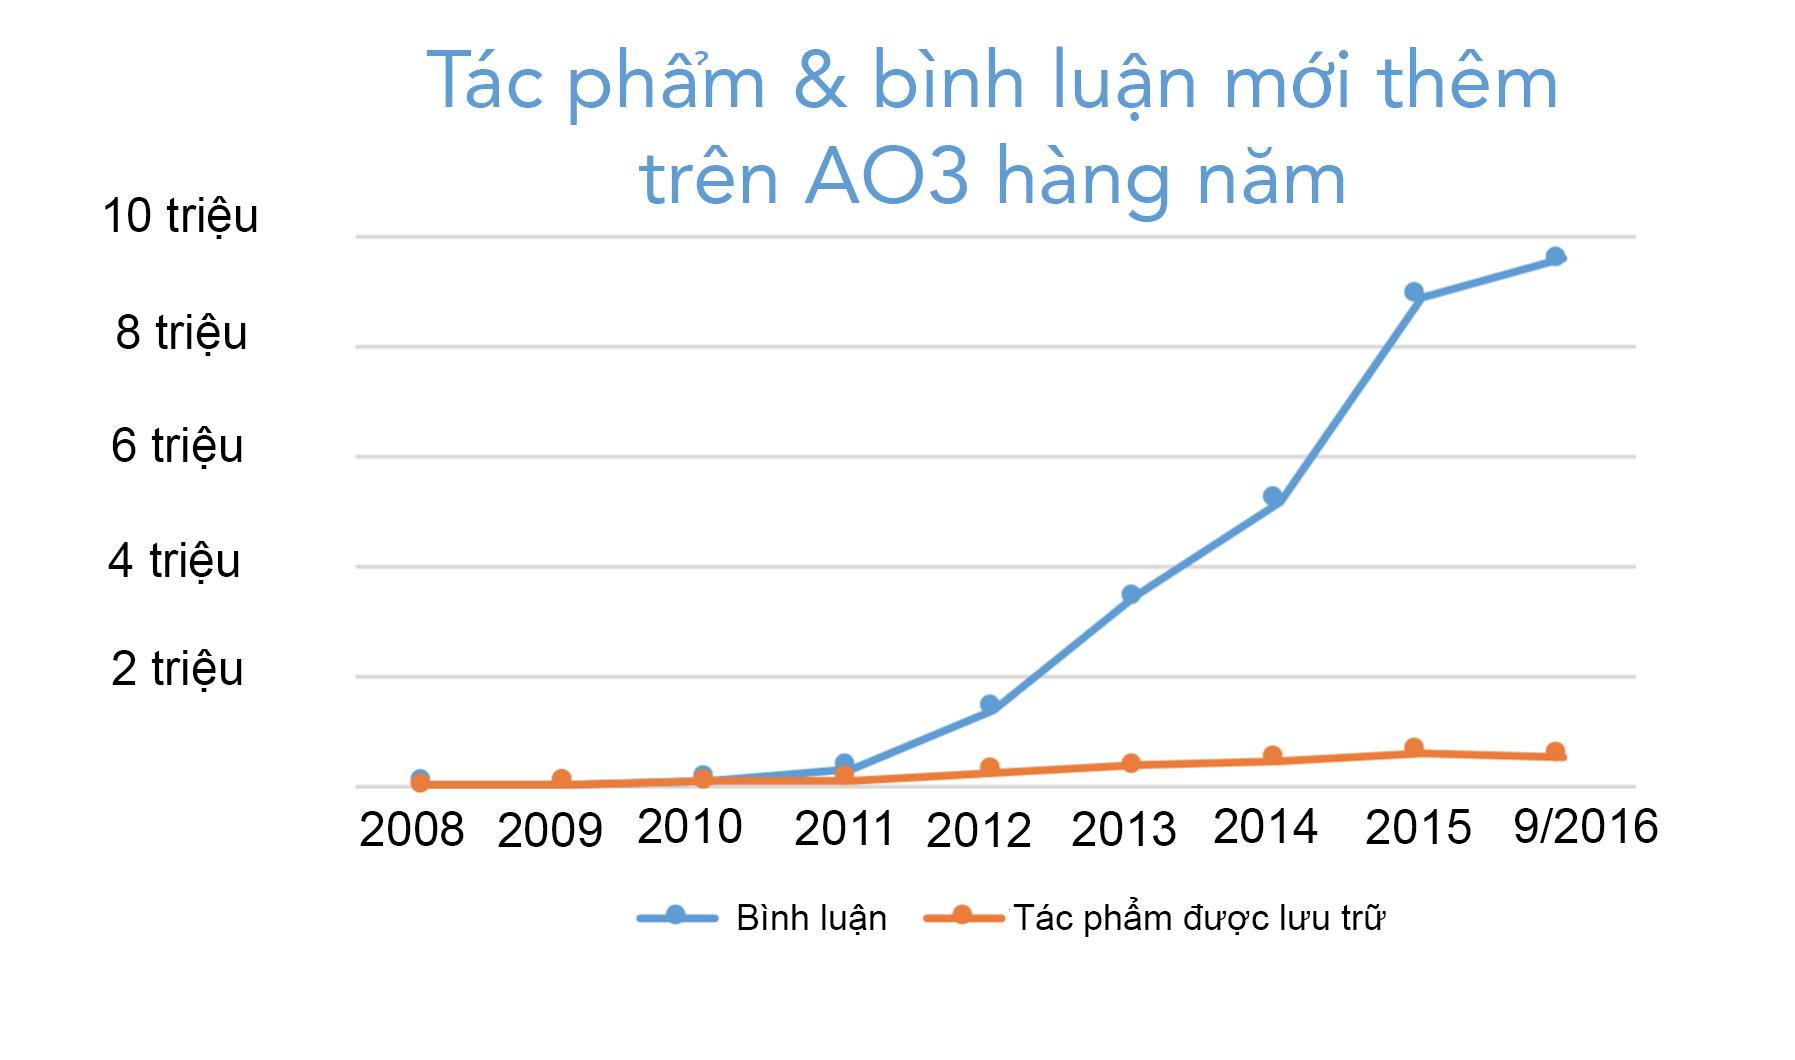 Biểu đồ của sự tăng trưởng của tác phẩm và bình luận được tạo ra mỗi năm trên AO3, bắt đầu từ 0 vào năm 2008 đến hơn 500,000 tác phẩm và 9.5 triệu bình luận chỉ trong năm nay